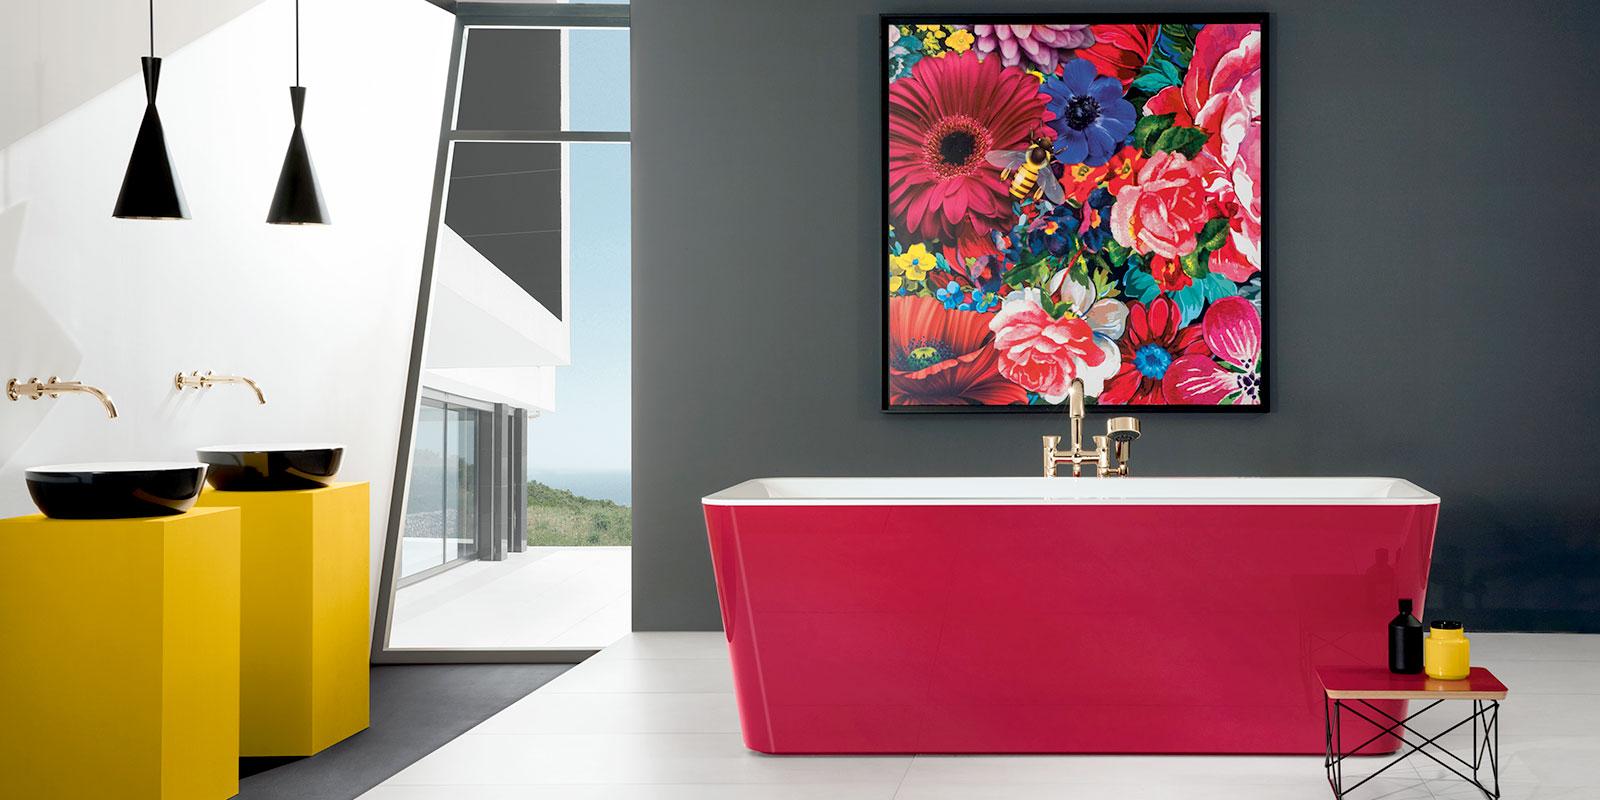 Diese Bad-Kreation bringt Farbe ins Bad